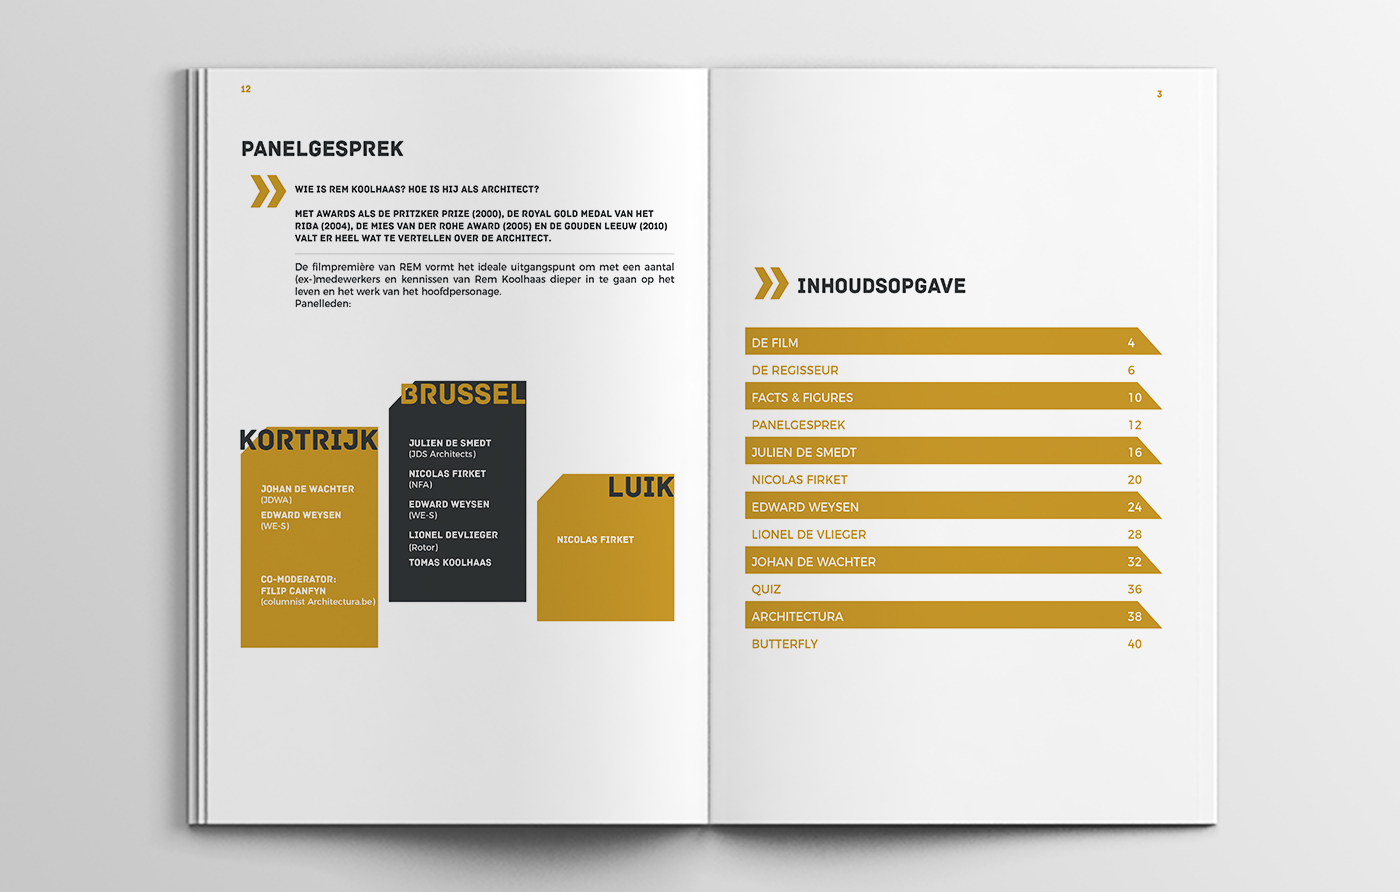 Snedig-grafisch-ontwerp-magazine-architectura